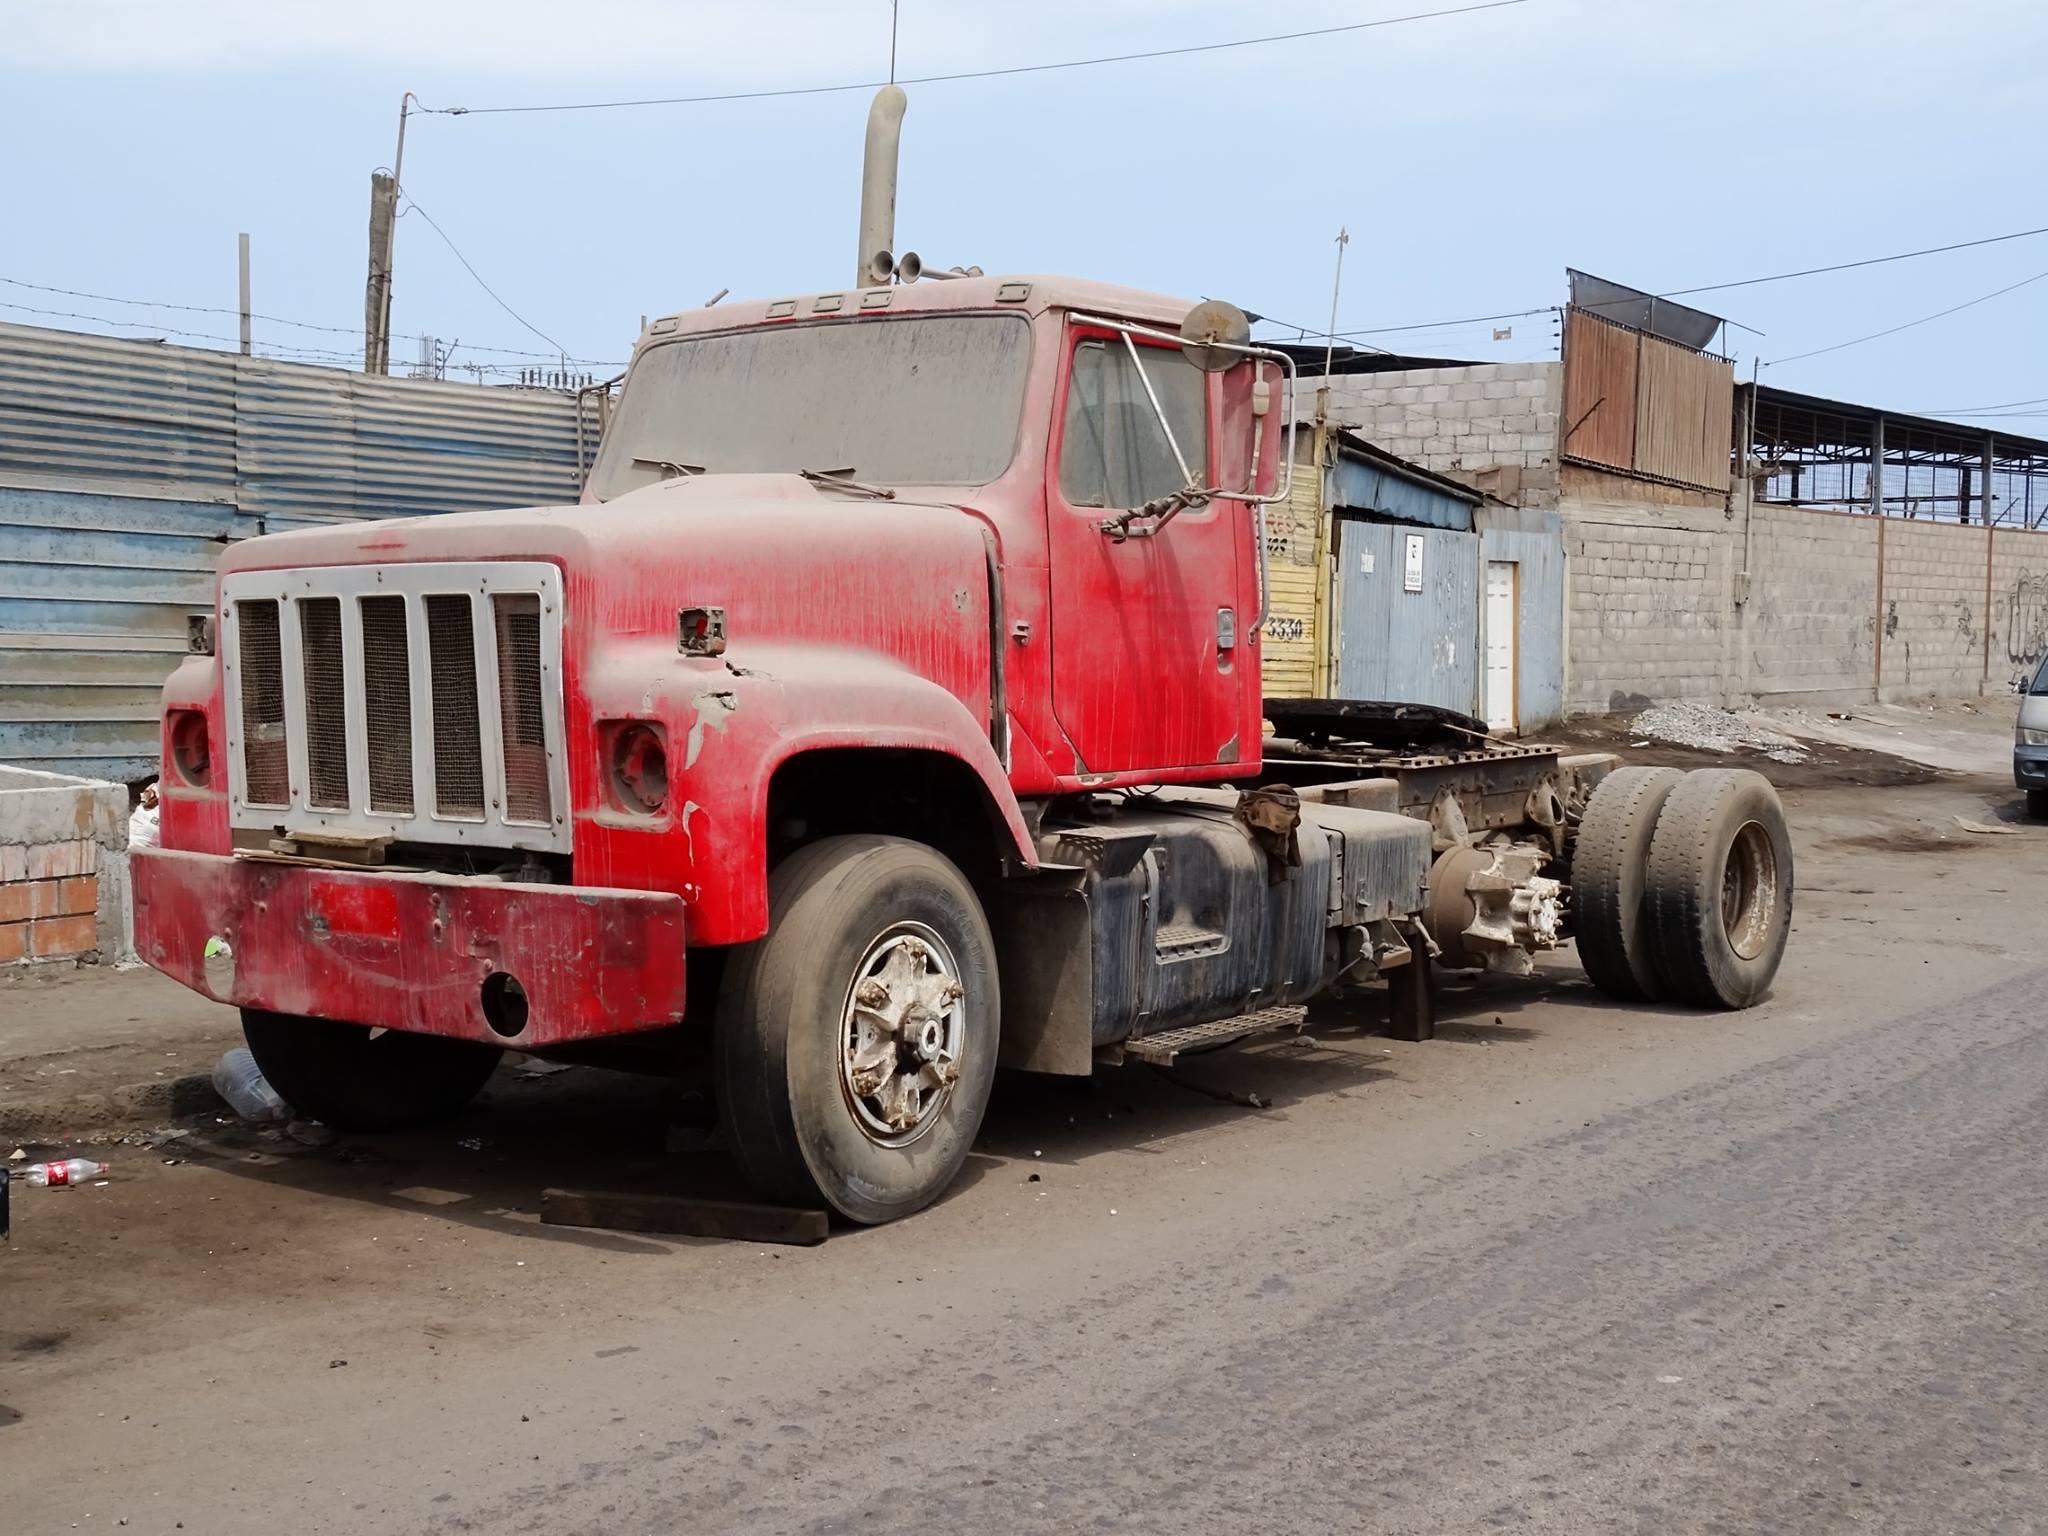 Camiones-vieja-escuela-olvidados-66